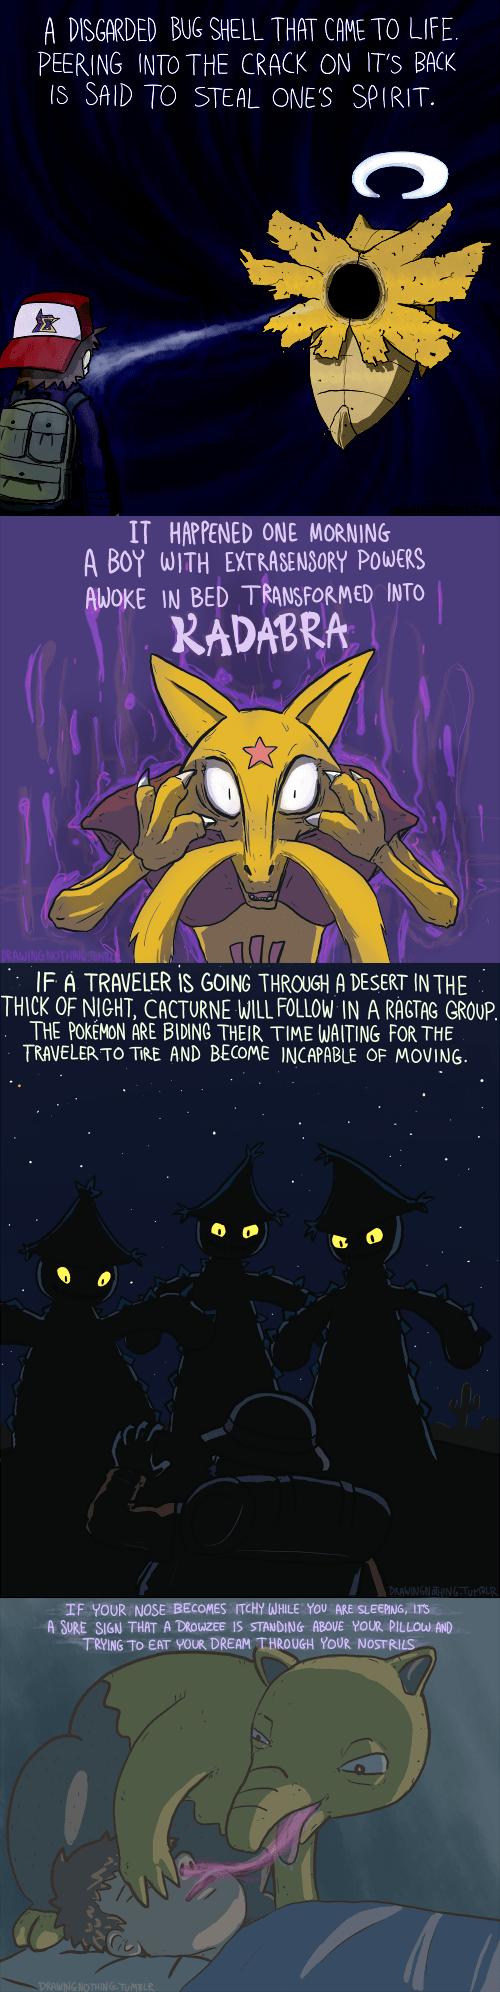 Creepy Pokédex Entries